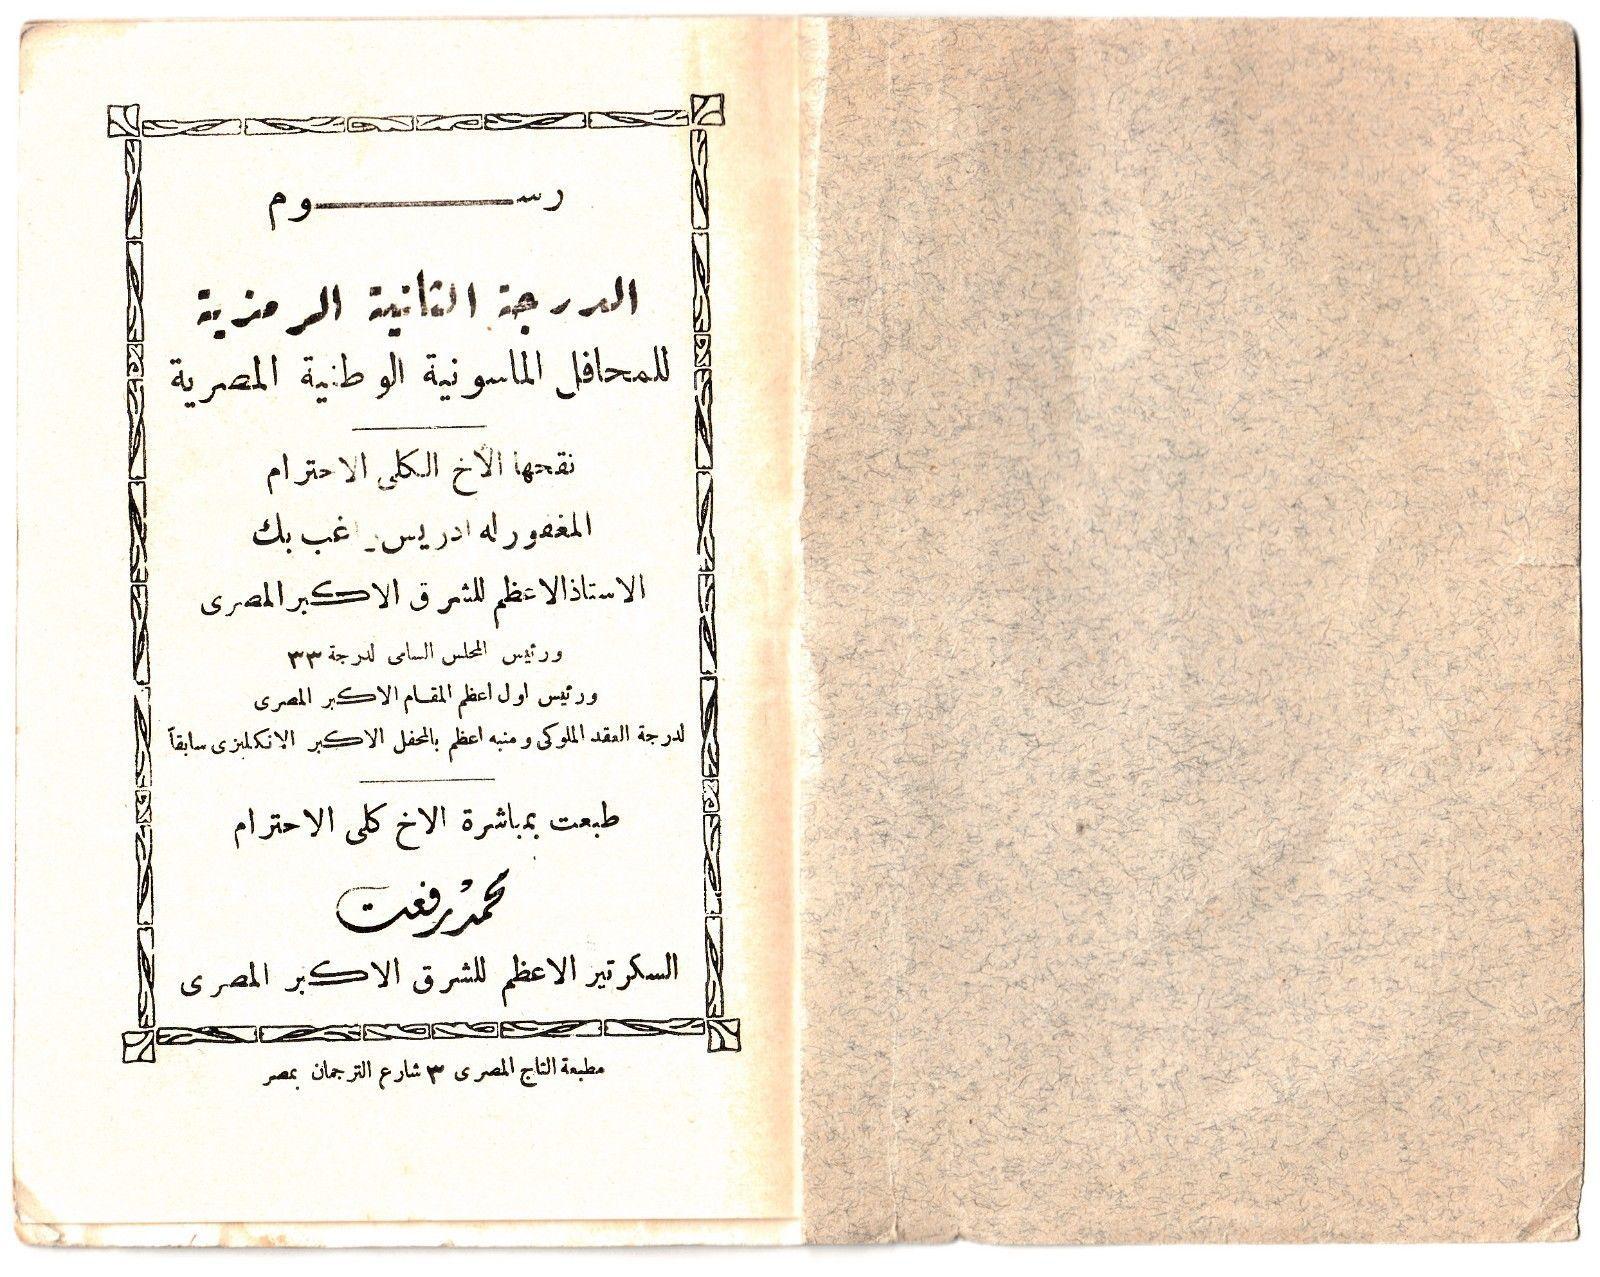 الماسونية Freemasonry History Pictures Egypt